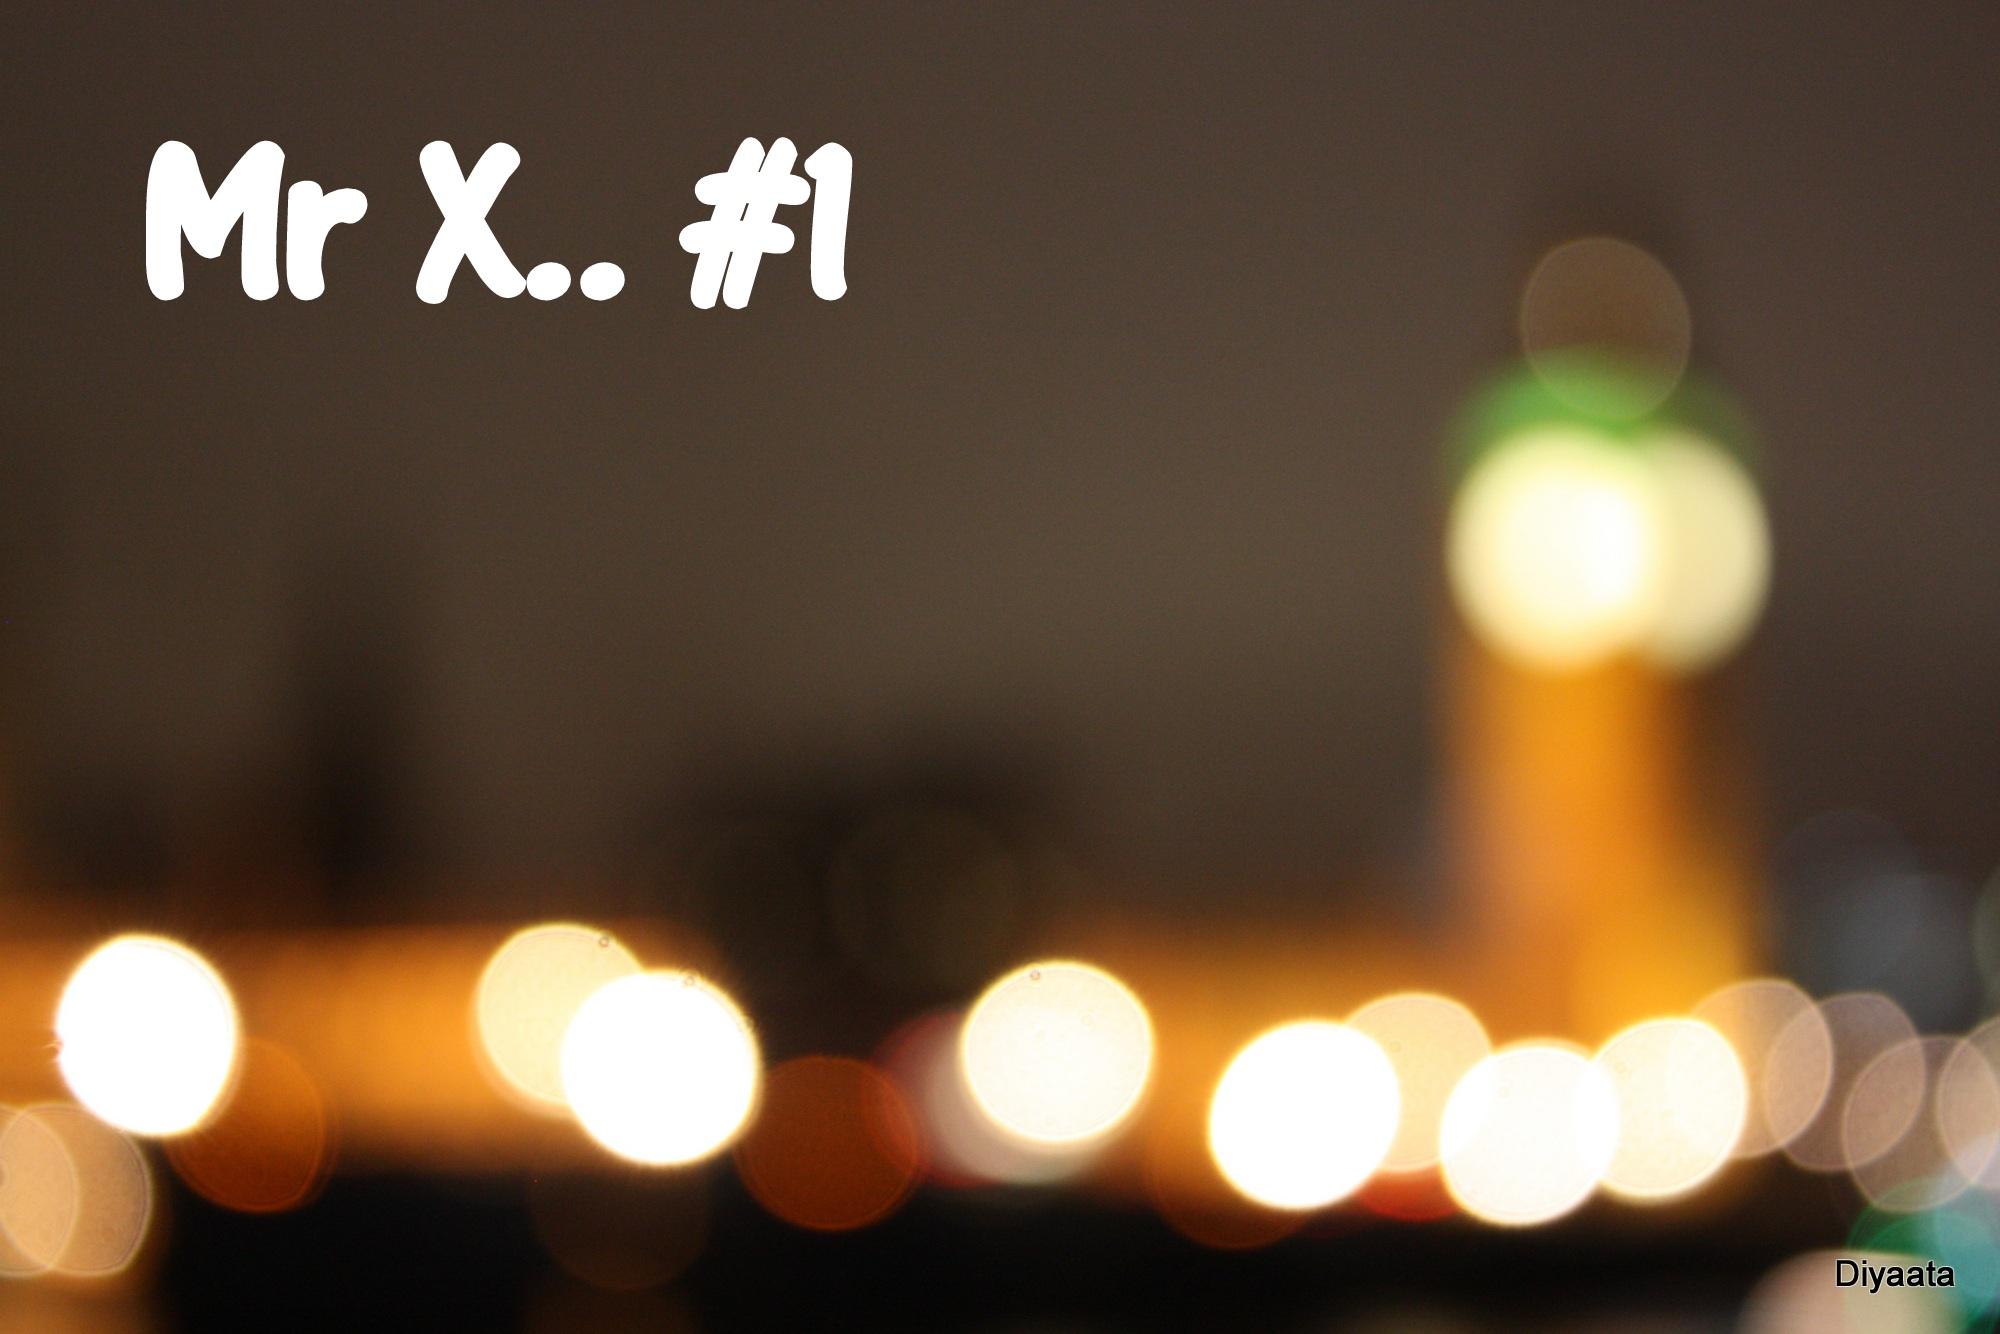 MrX-1